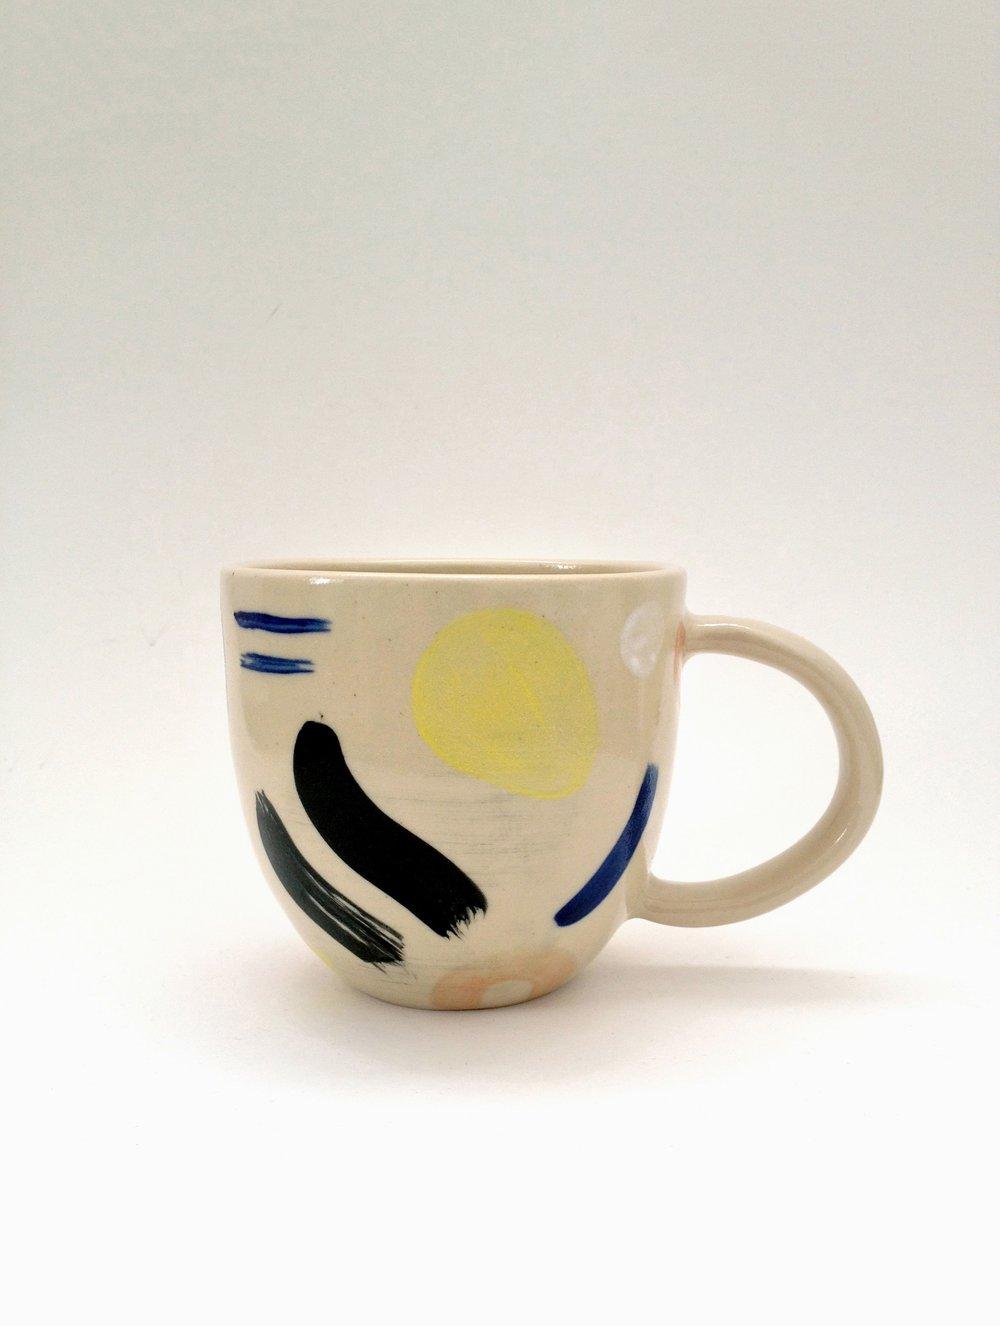 14-mug-shp-02b.jpg